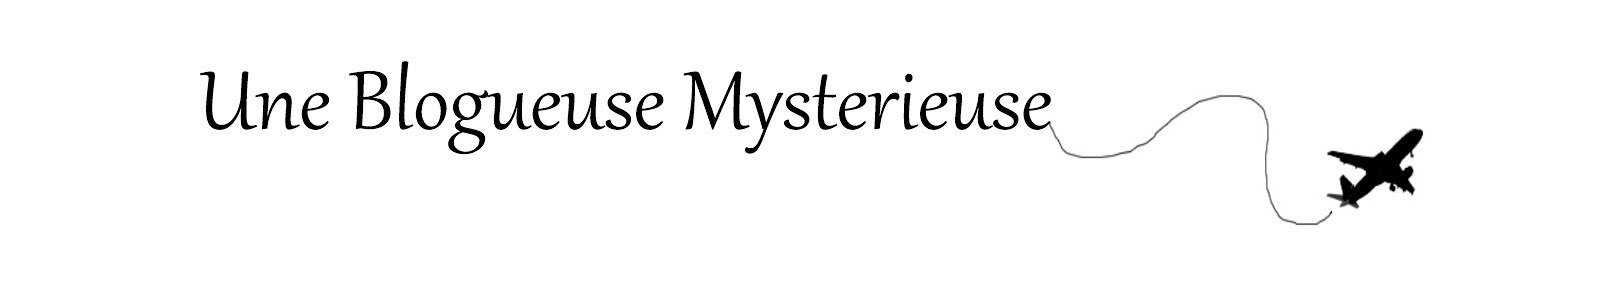 Une Blogueuse Mystérieuse